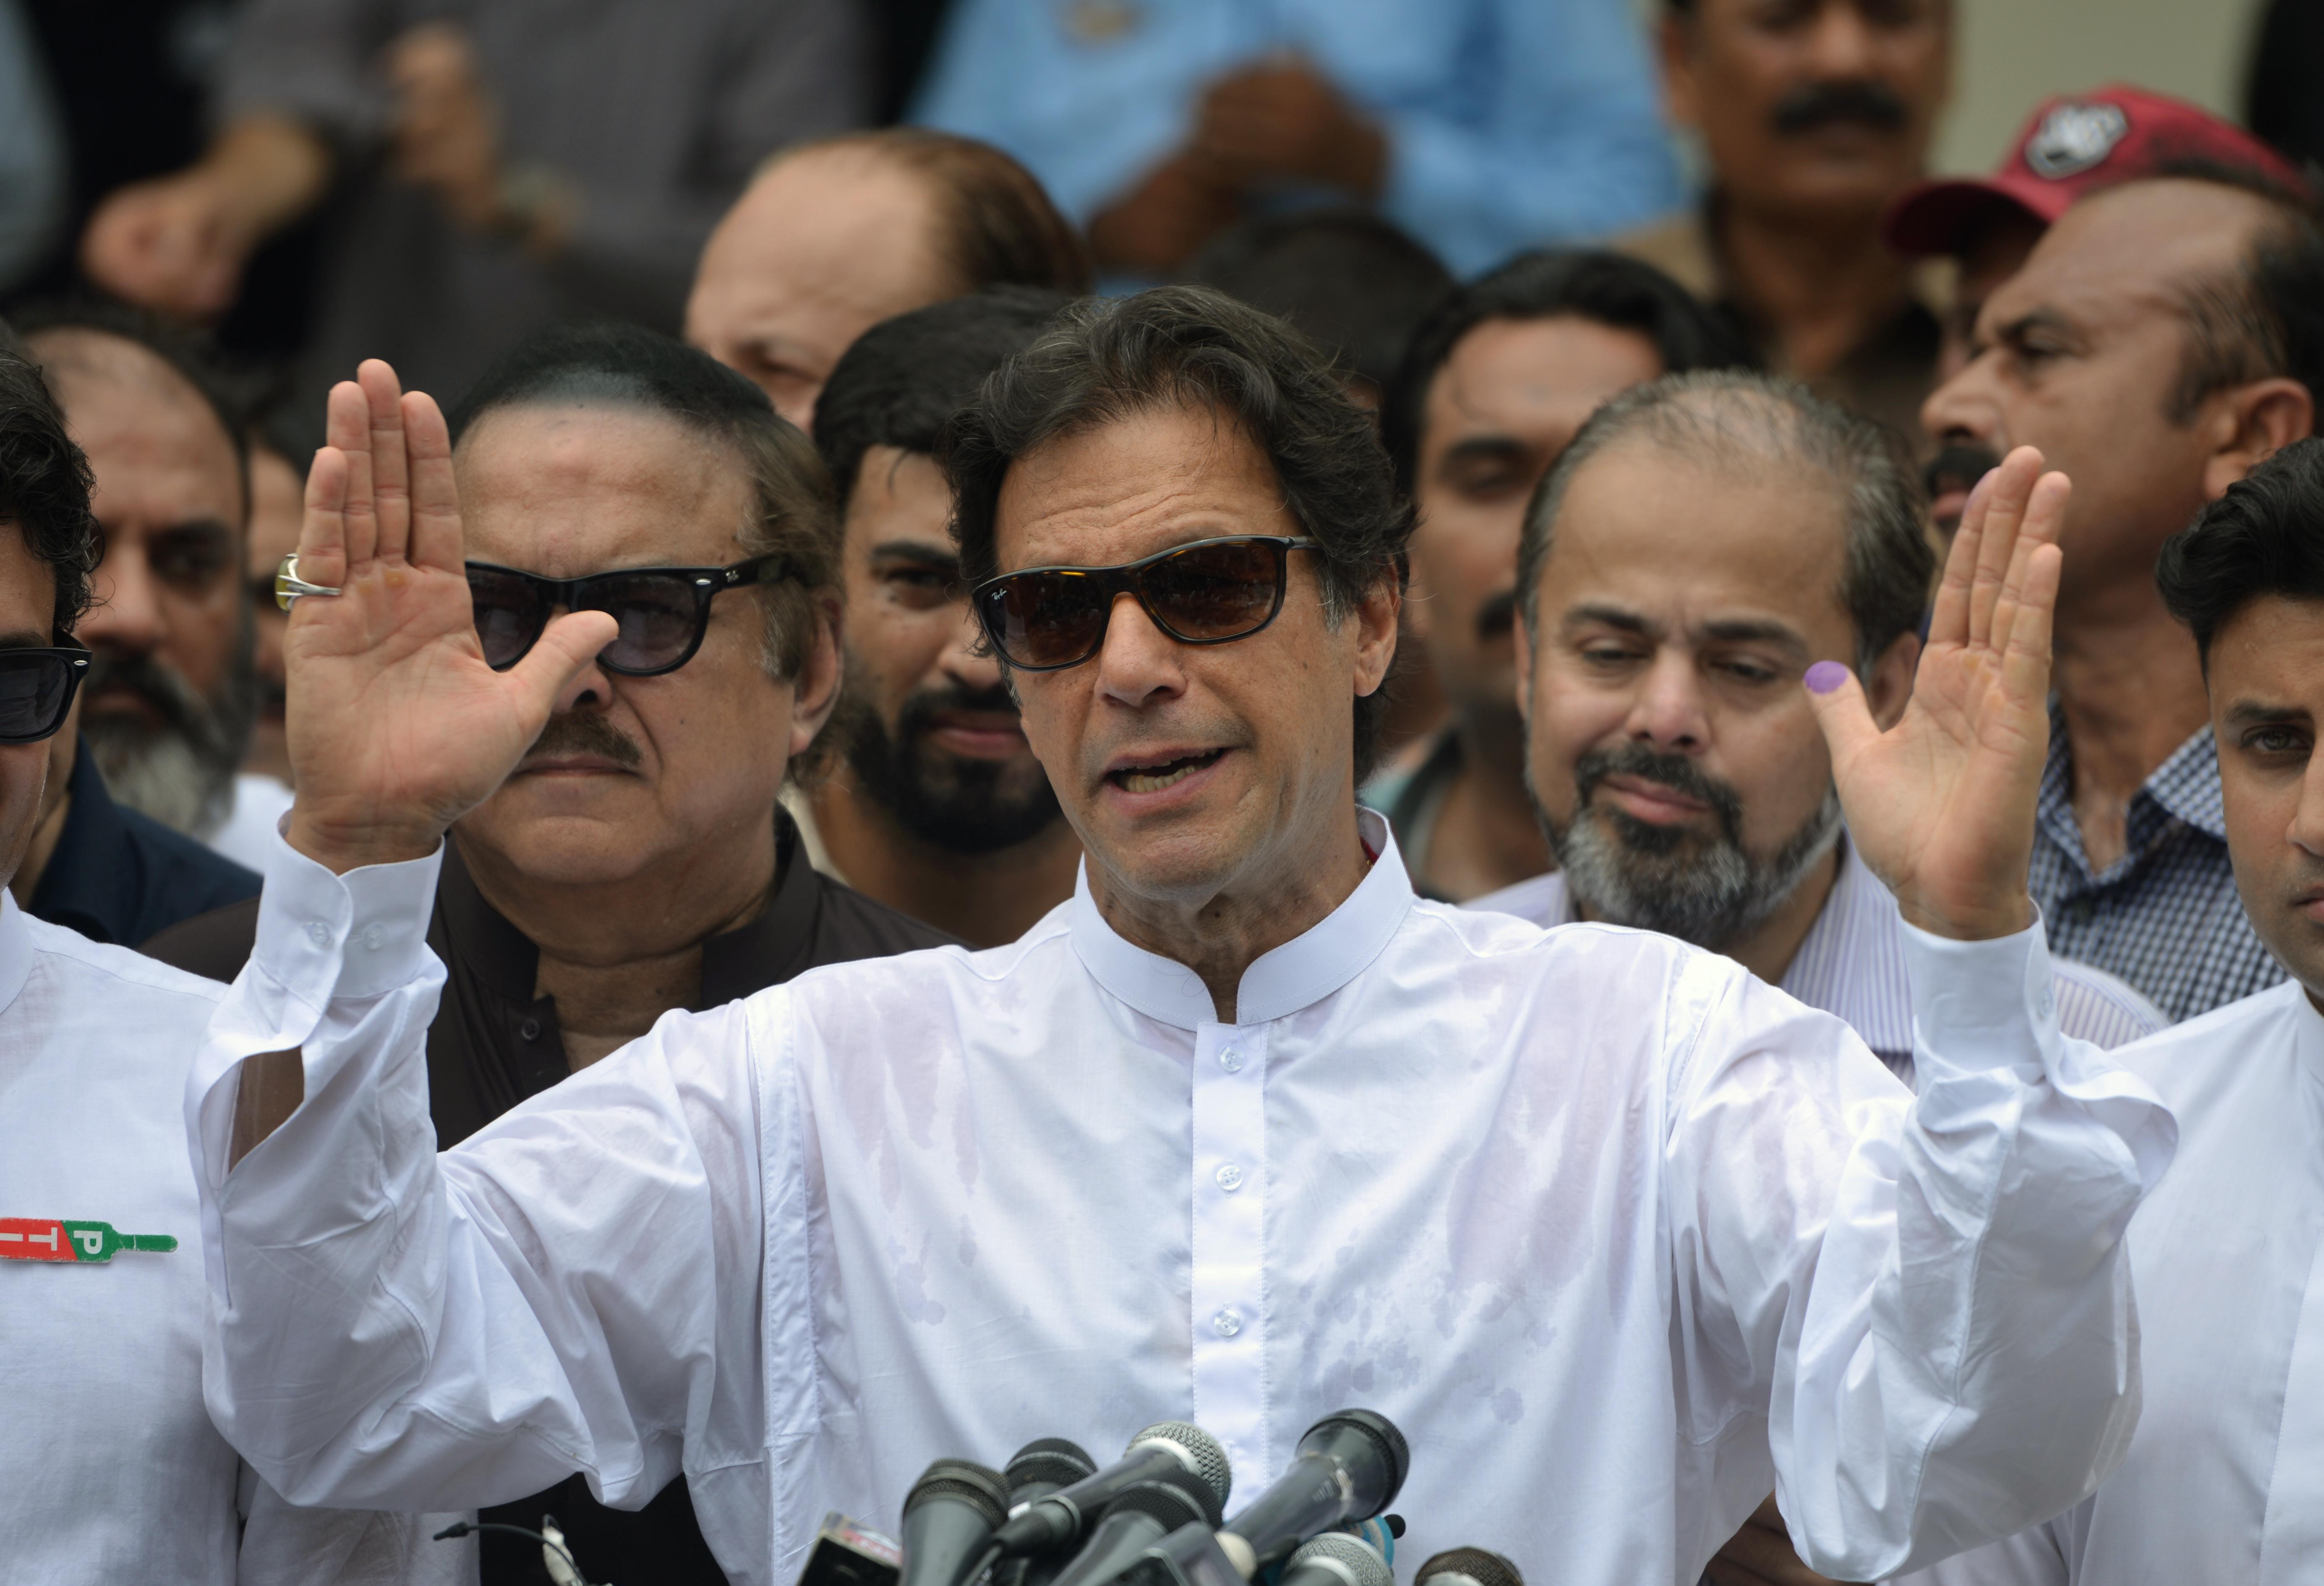 استقبال پاکستانی ها و افغان ها از دیدگاه عمران خان برای بهبود روابط